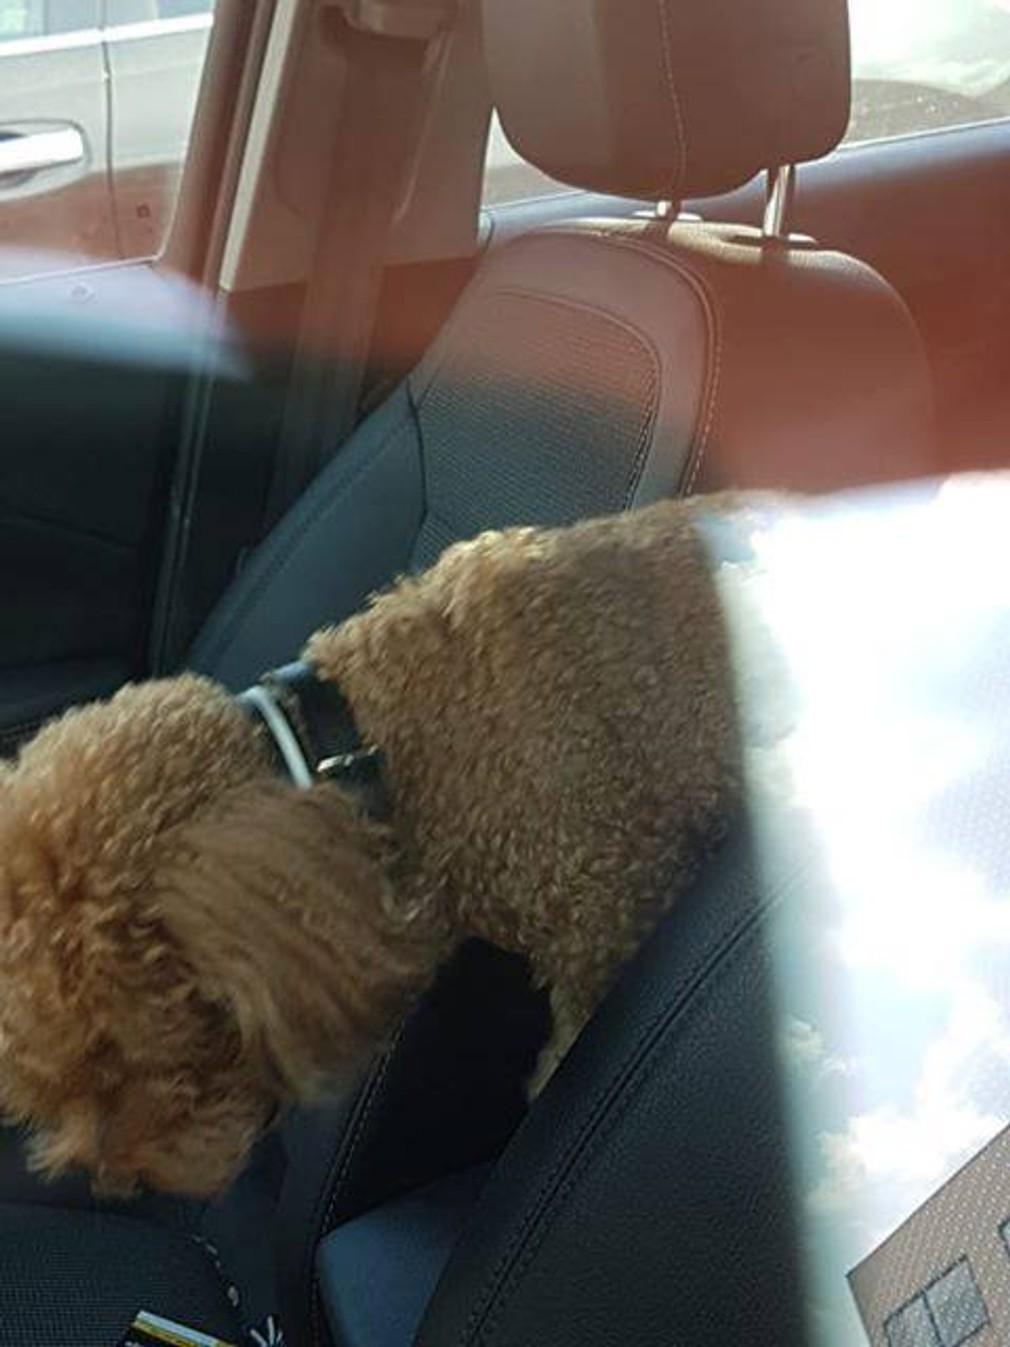 Prvý prípad sezóny v Petržalke. Majiteľka nechala psa v horúcom aute a šla nakupovať